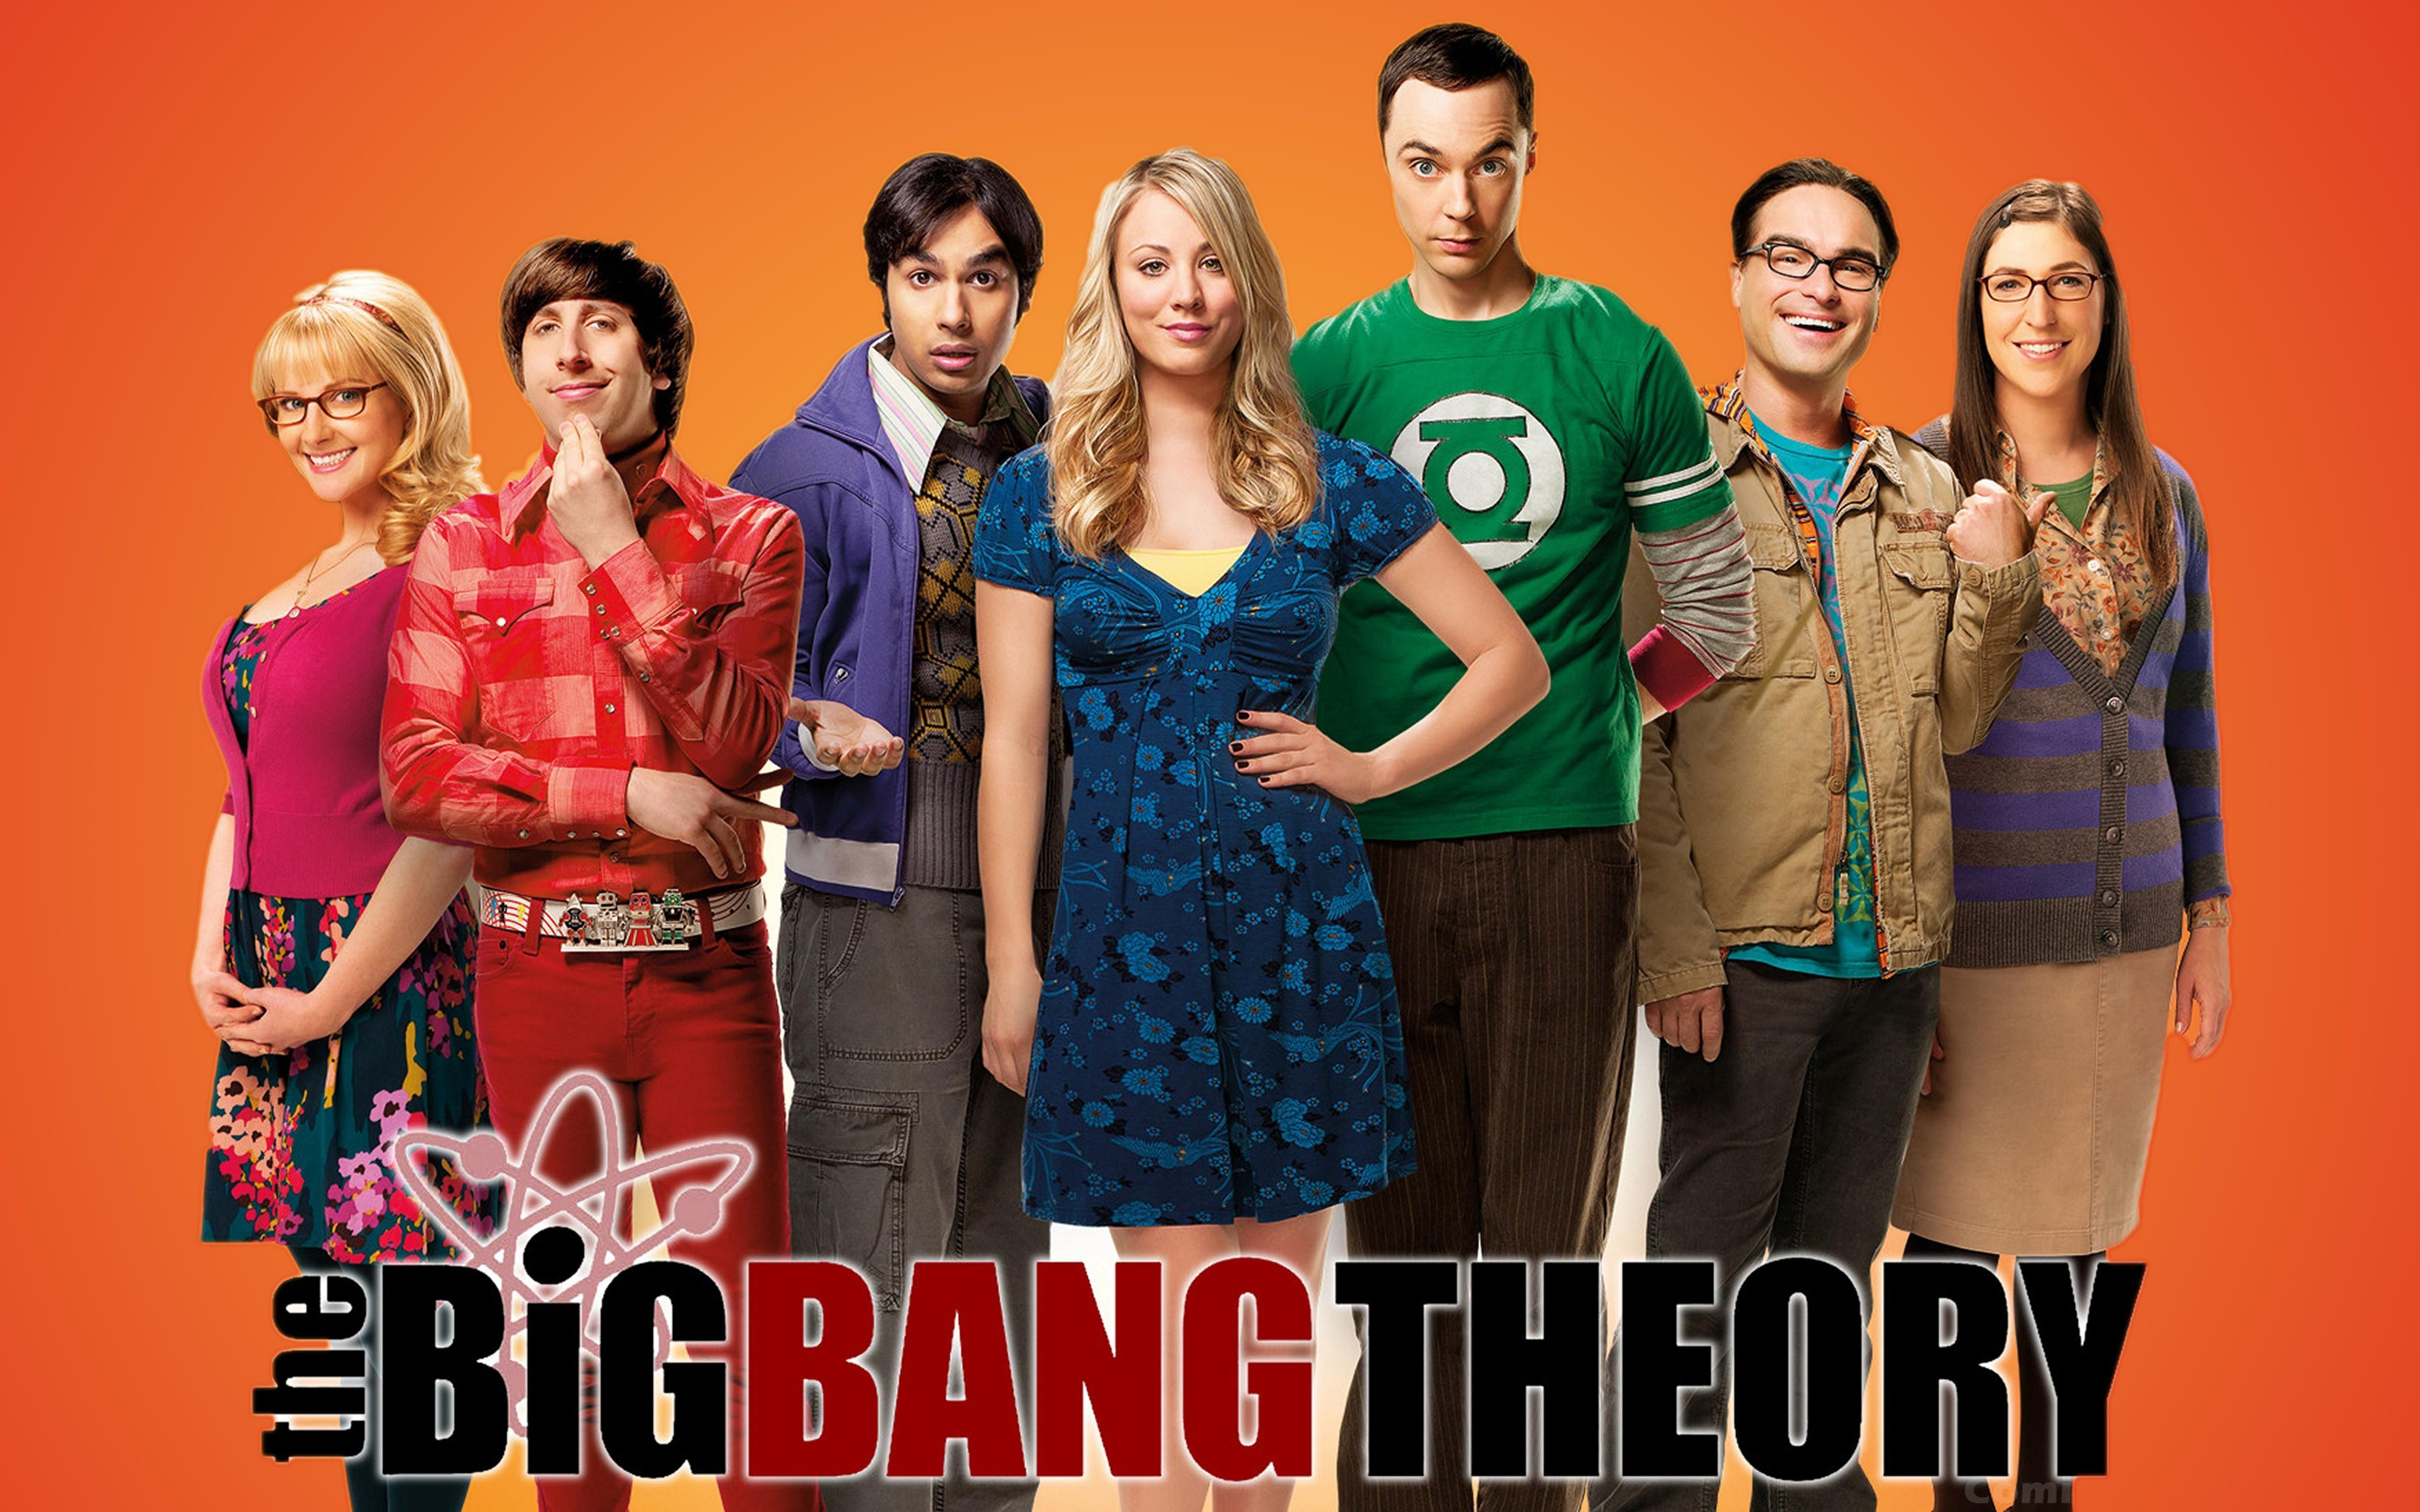 The Big Bang Theory 2019 Wallpapers Wallpaper Cave